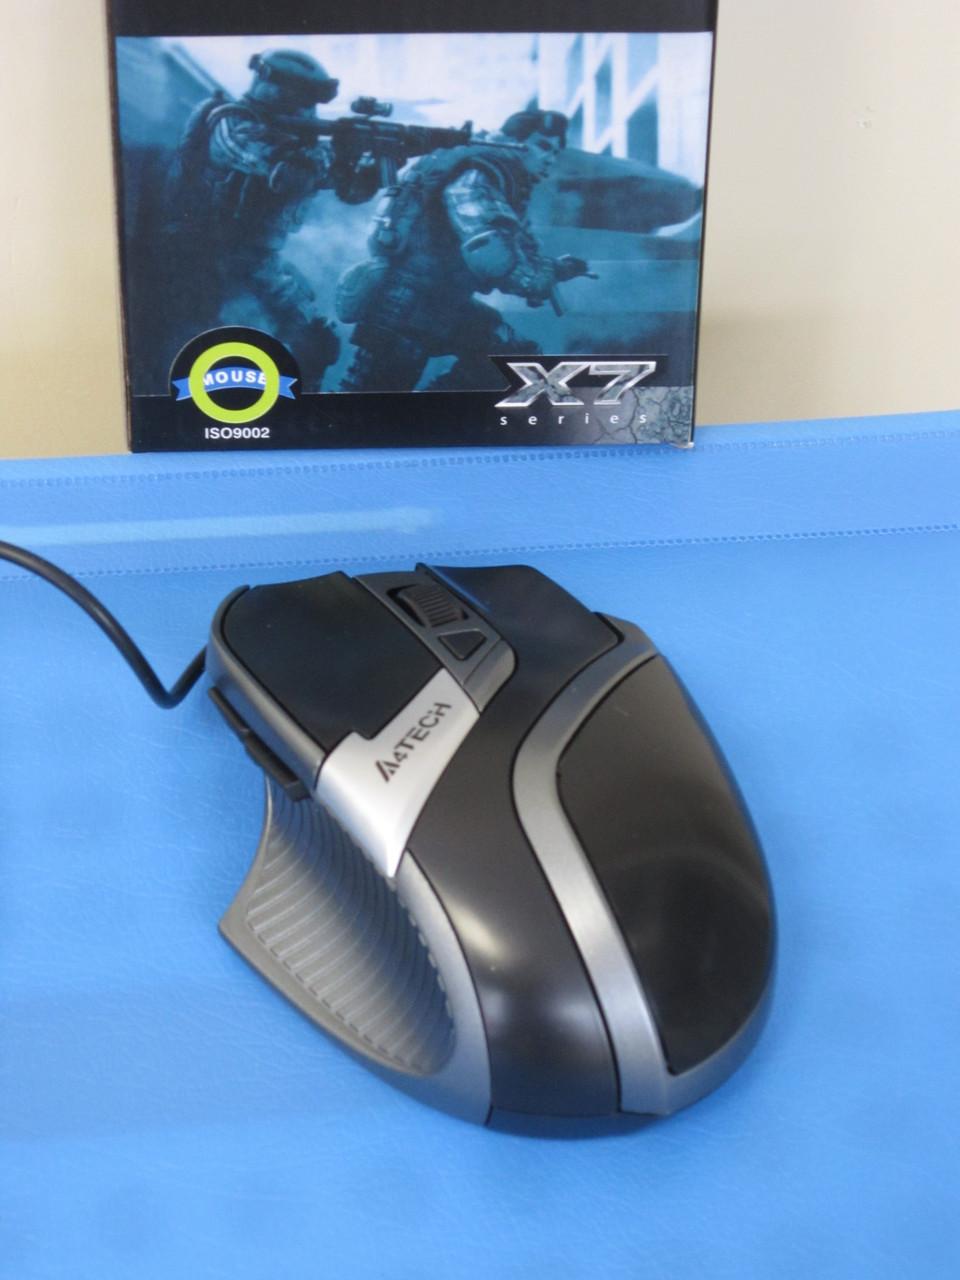 Мышка A4 Tech X7 913 USB, Алматы